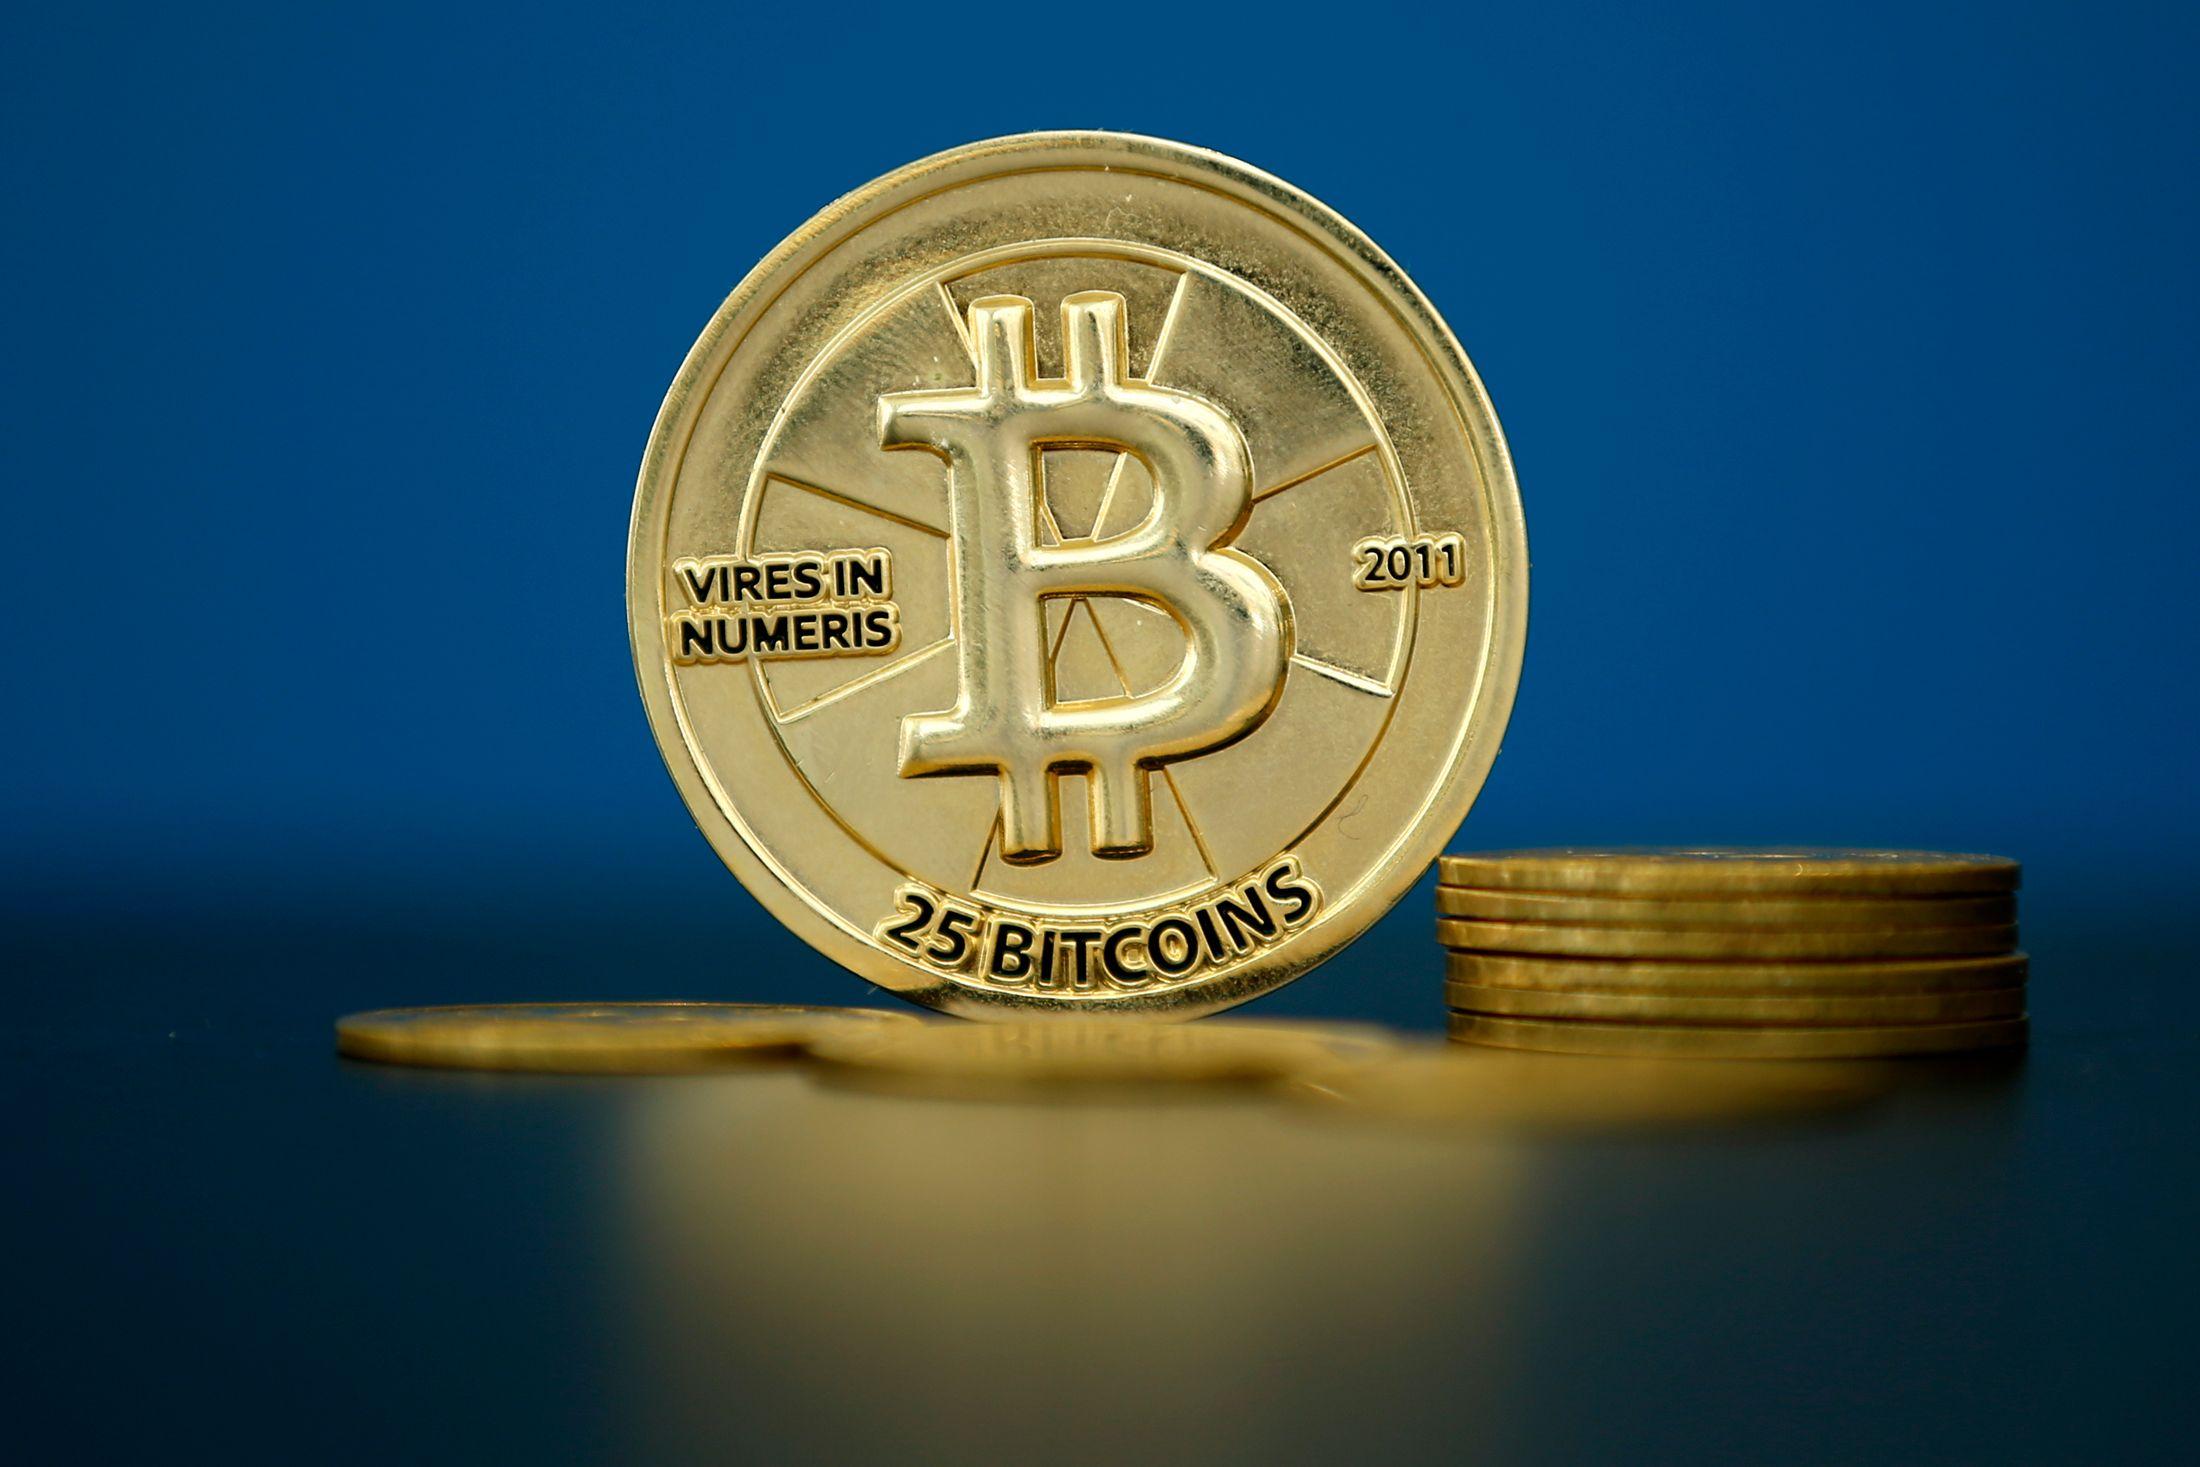 Demandes de rançons en bitcoin : la menace qui fait trembler les autorités, et va les obliger à se mettre à la page